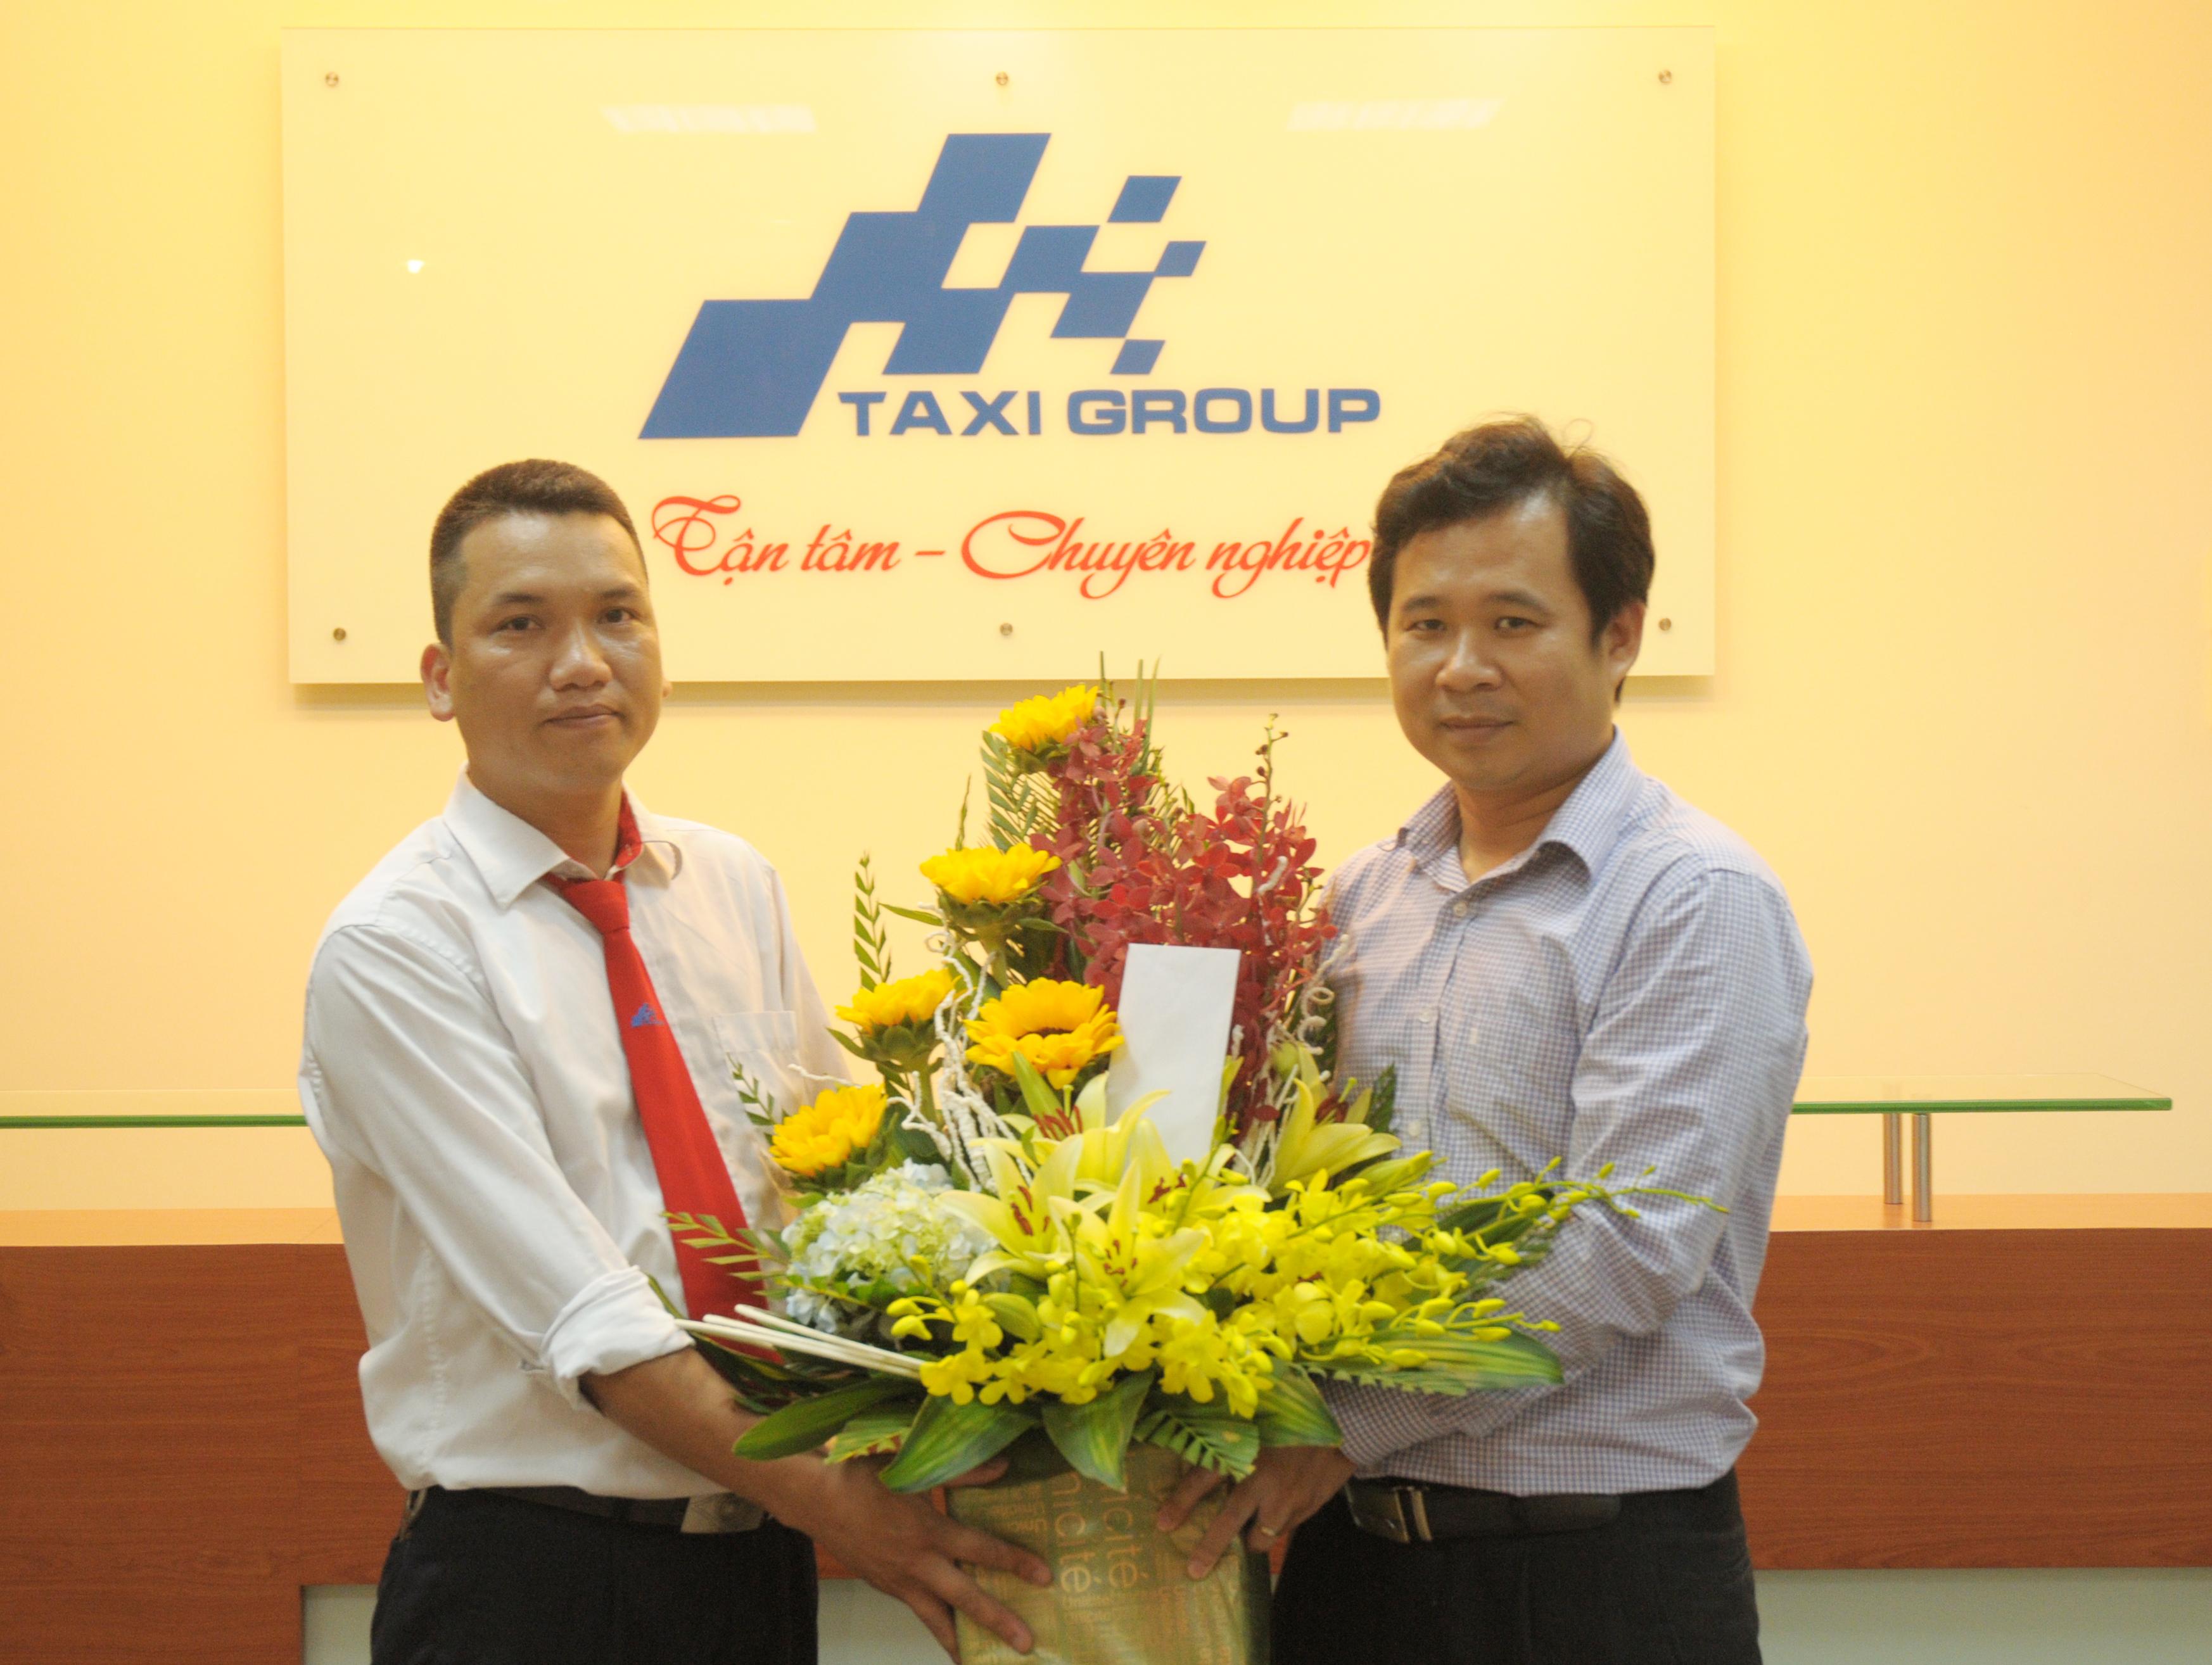 Ấm lòng người lái xe Taxi Group tận tâm giúp đỡ người tai nạn